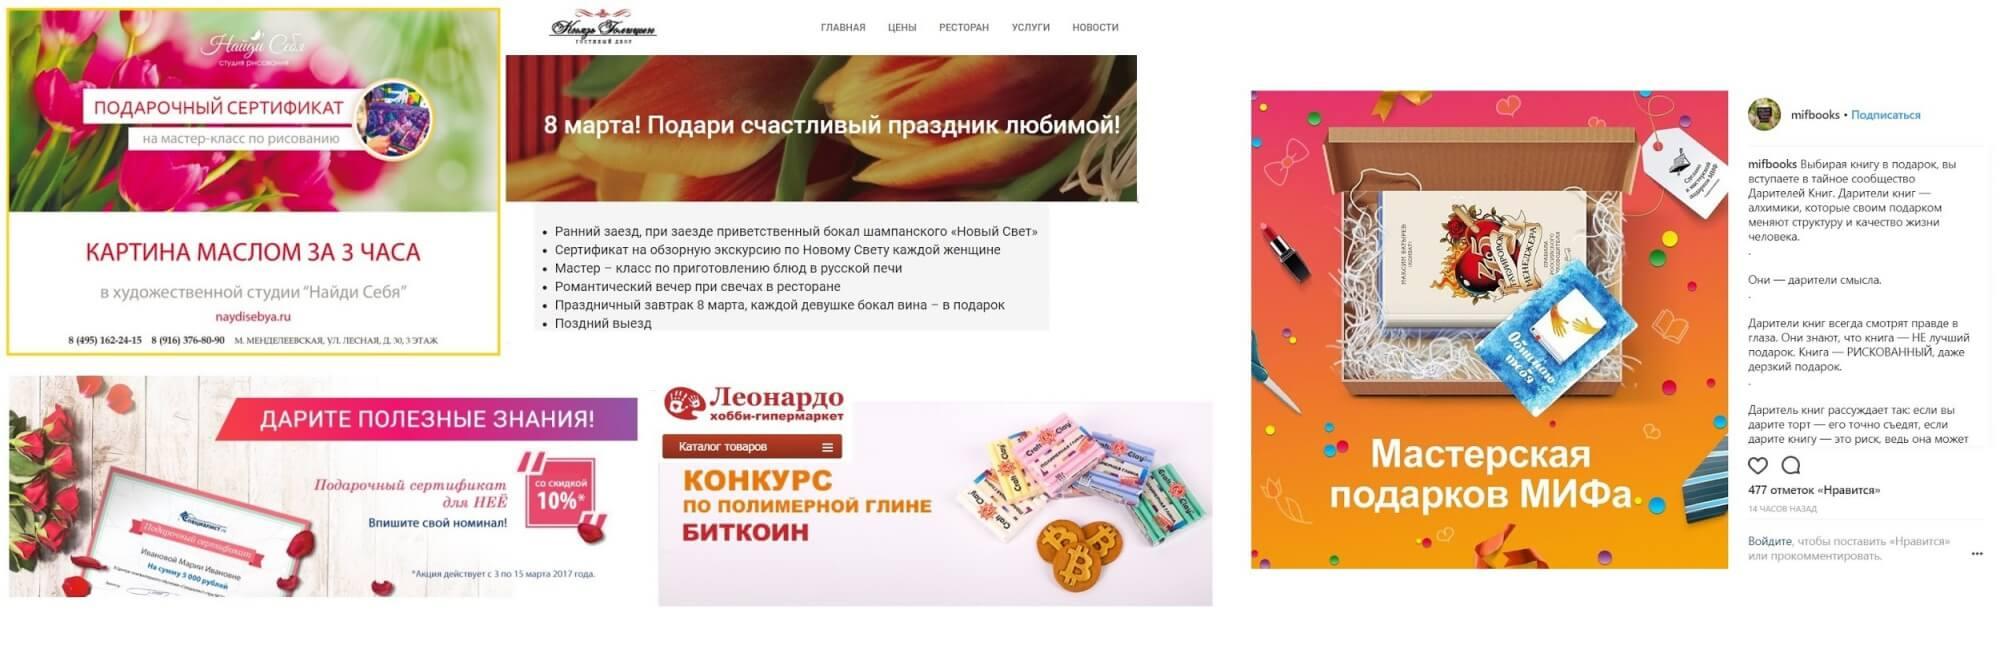 Примеры творческих подарков.jpg